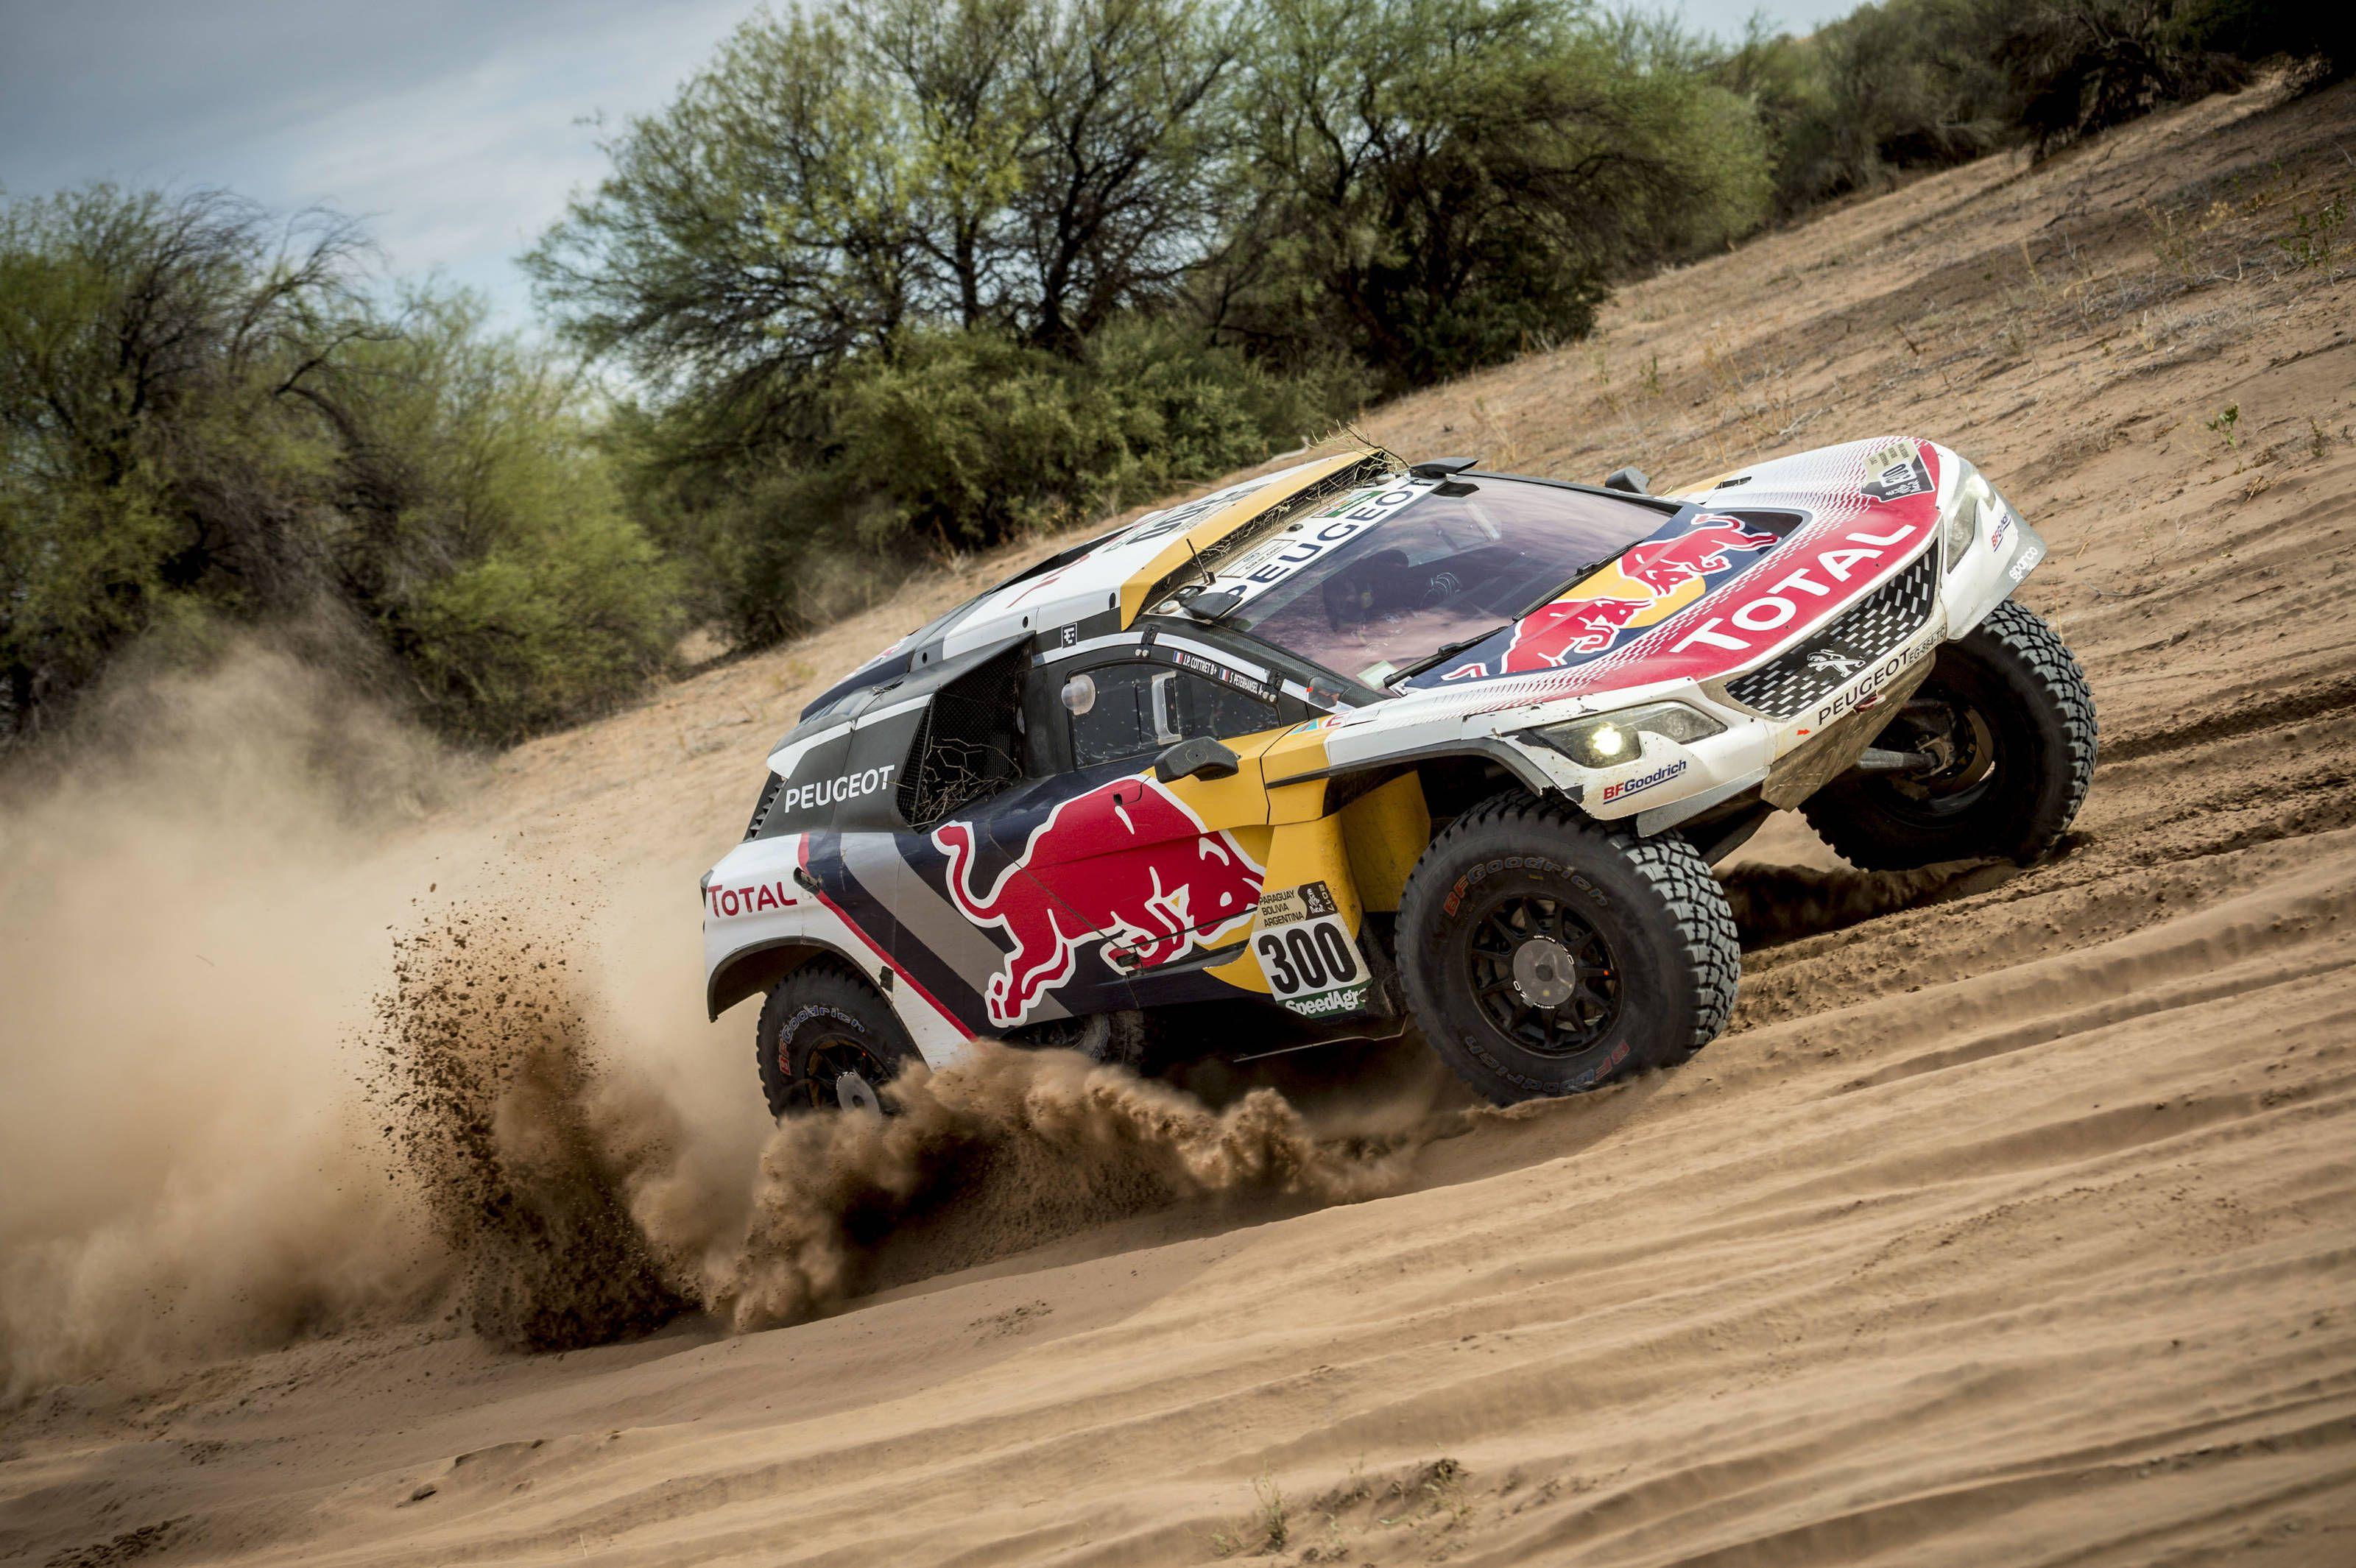 40 años del Dakar y 30 años de Peugeot en el Dakar